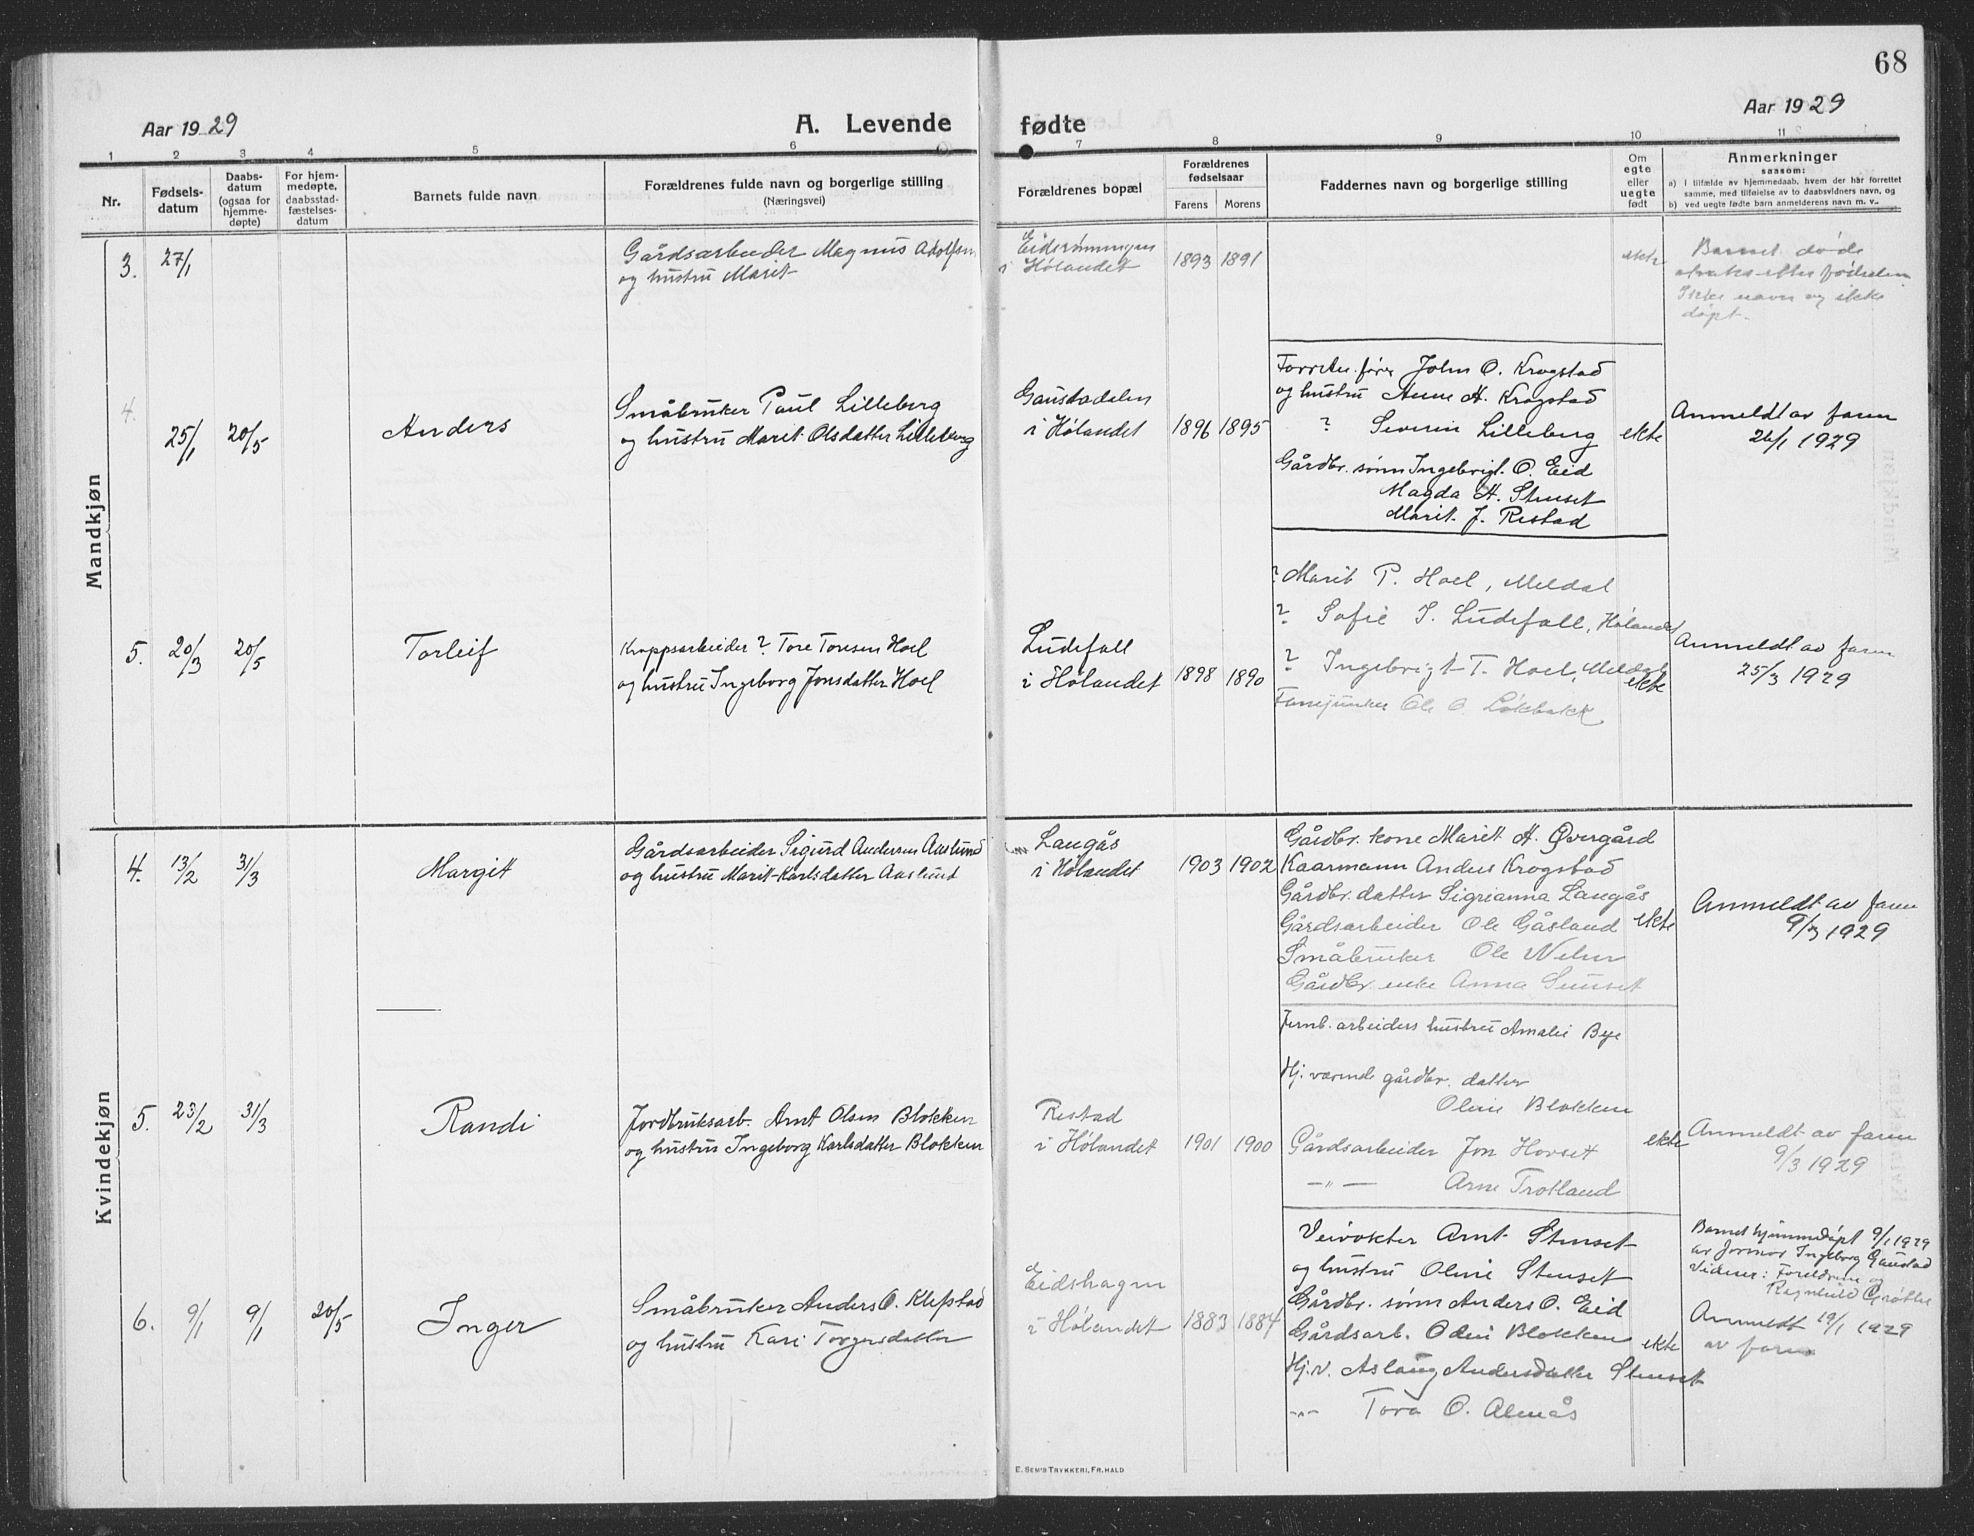 SAT, Ministerialprotokoller, klokkerbøker og fødselsregistre - Sør-Trøndelag, 694/L1134: Klokkerbok nr. 694C06, 1915-1937, s. 68